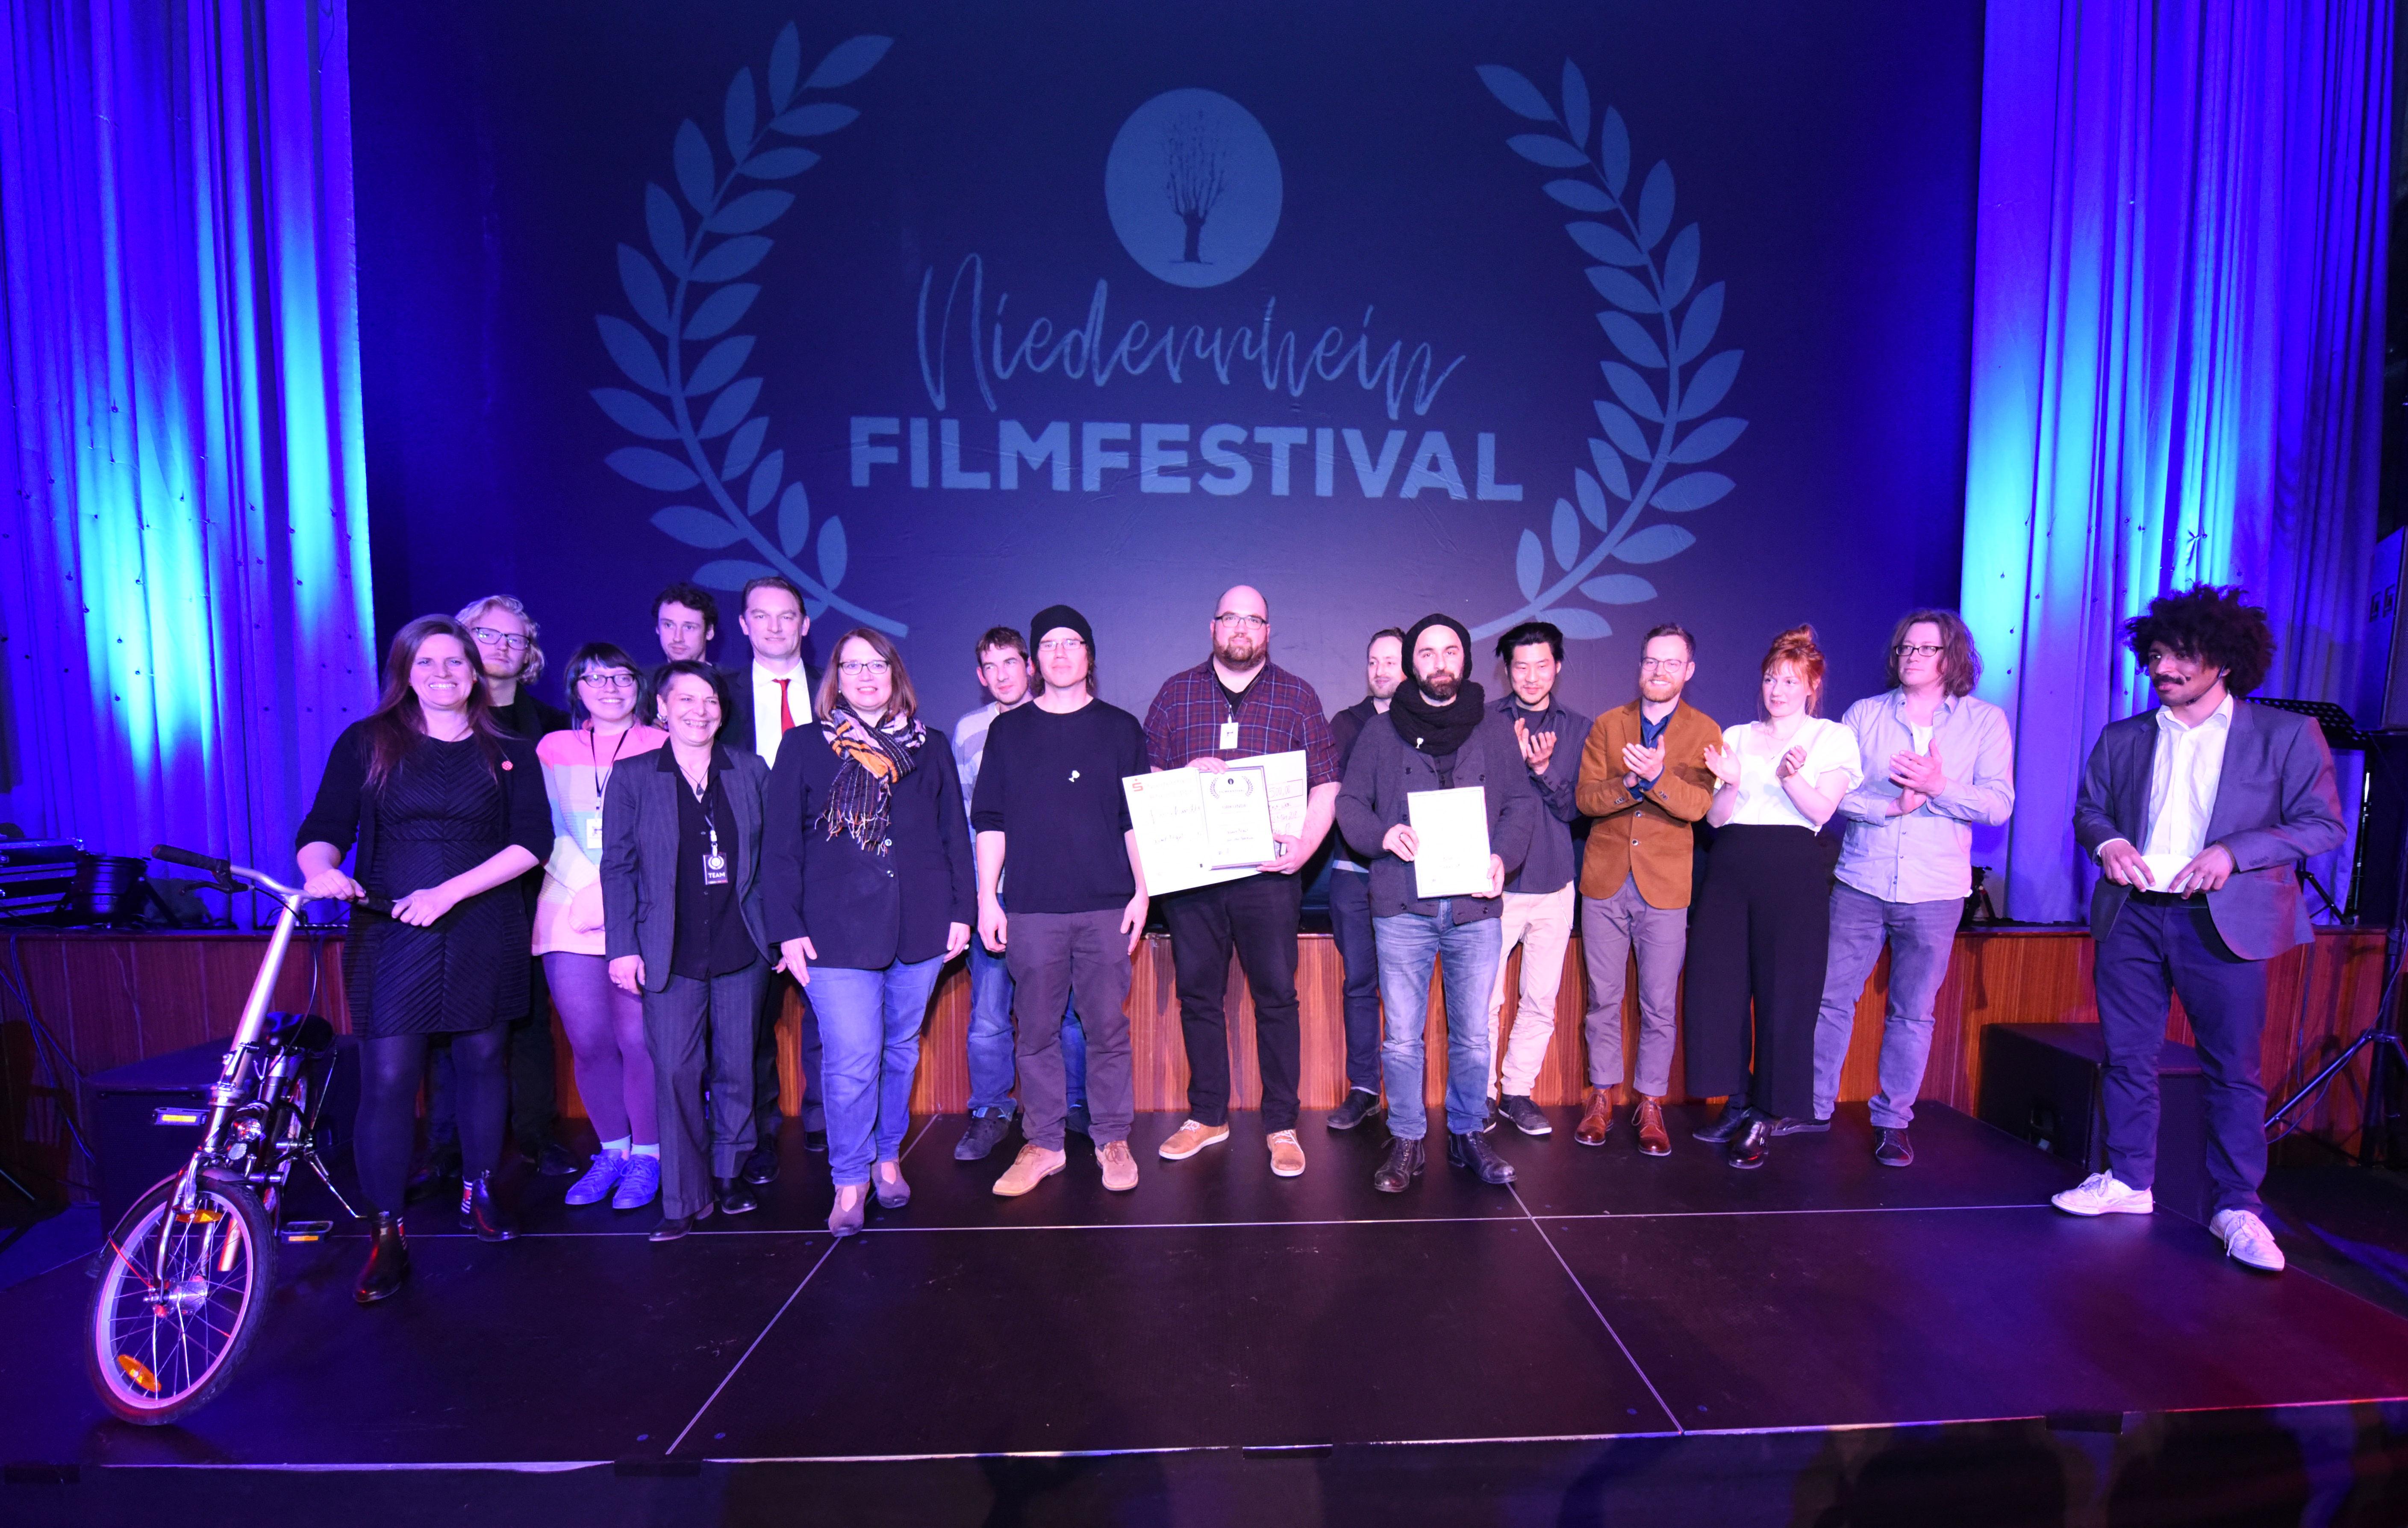 Niederrhein Filmfestival 2018